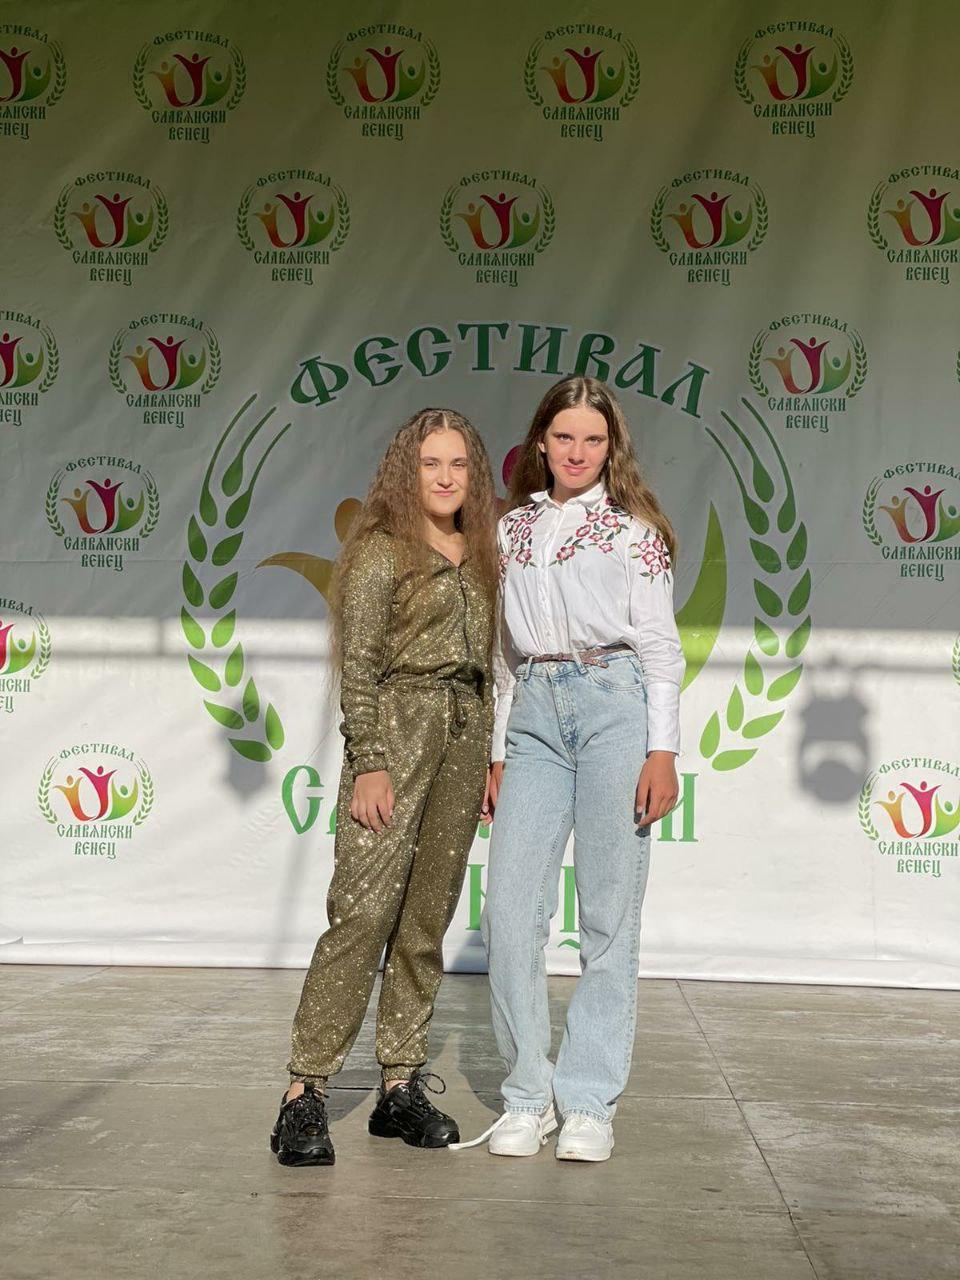 Троє співачок з Івано-Франківська стали лауреатками та переможницями міжнародних конкурсів